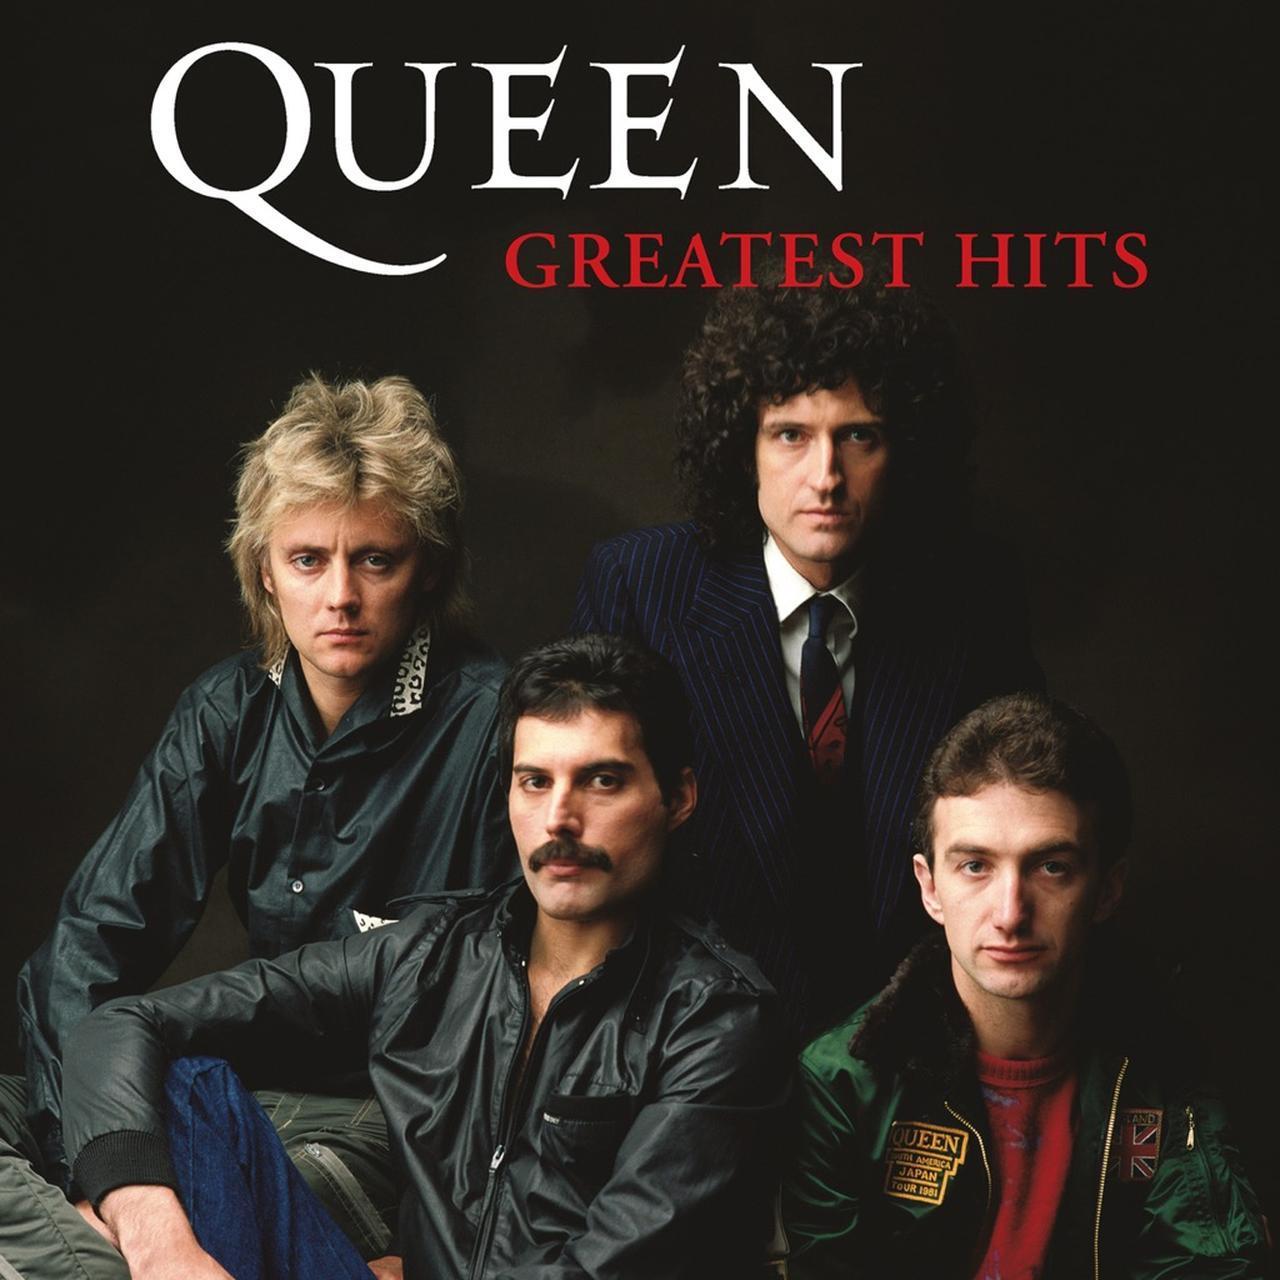 画像: Greatest Hits / Queen